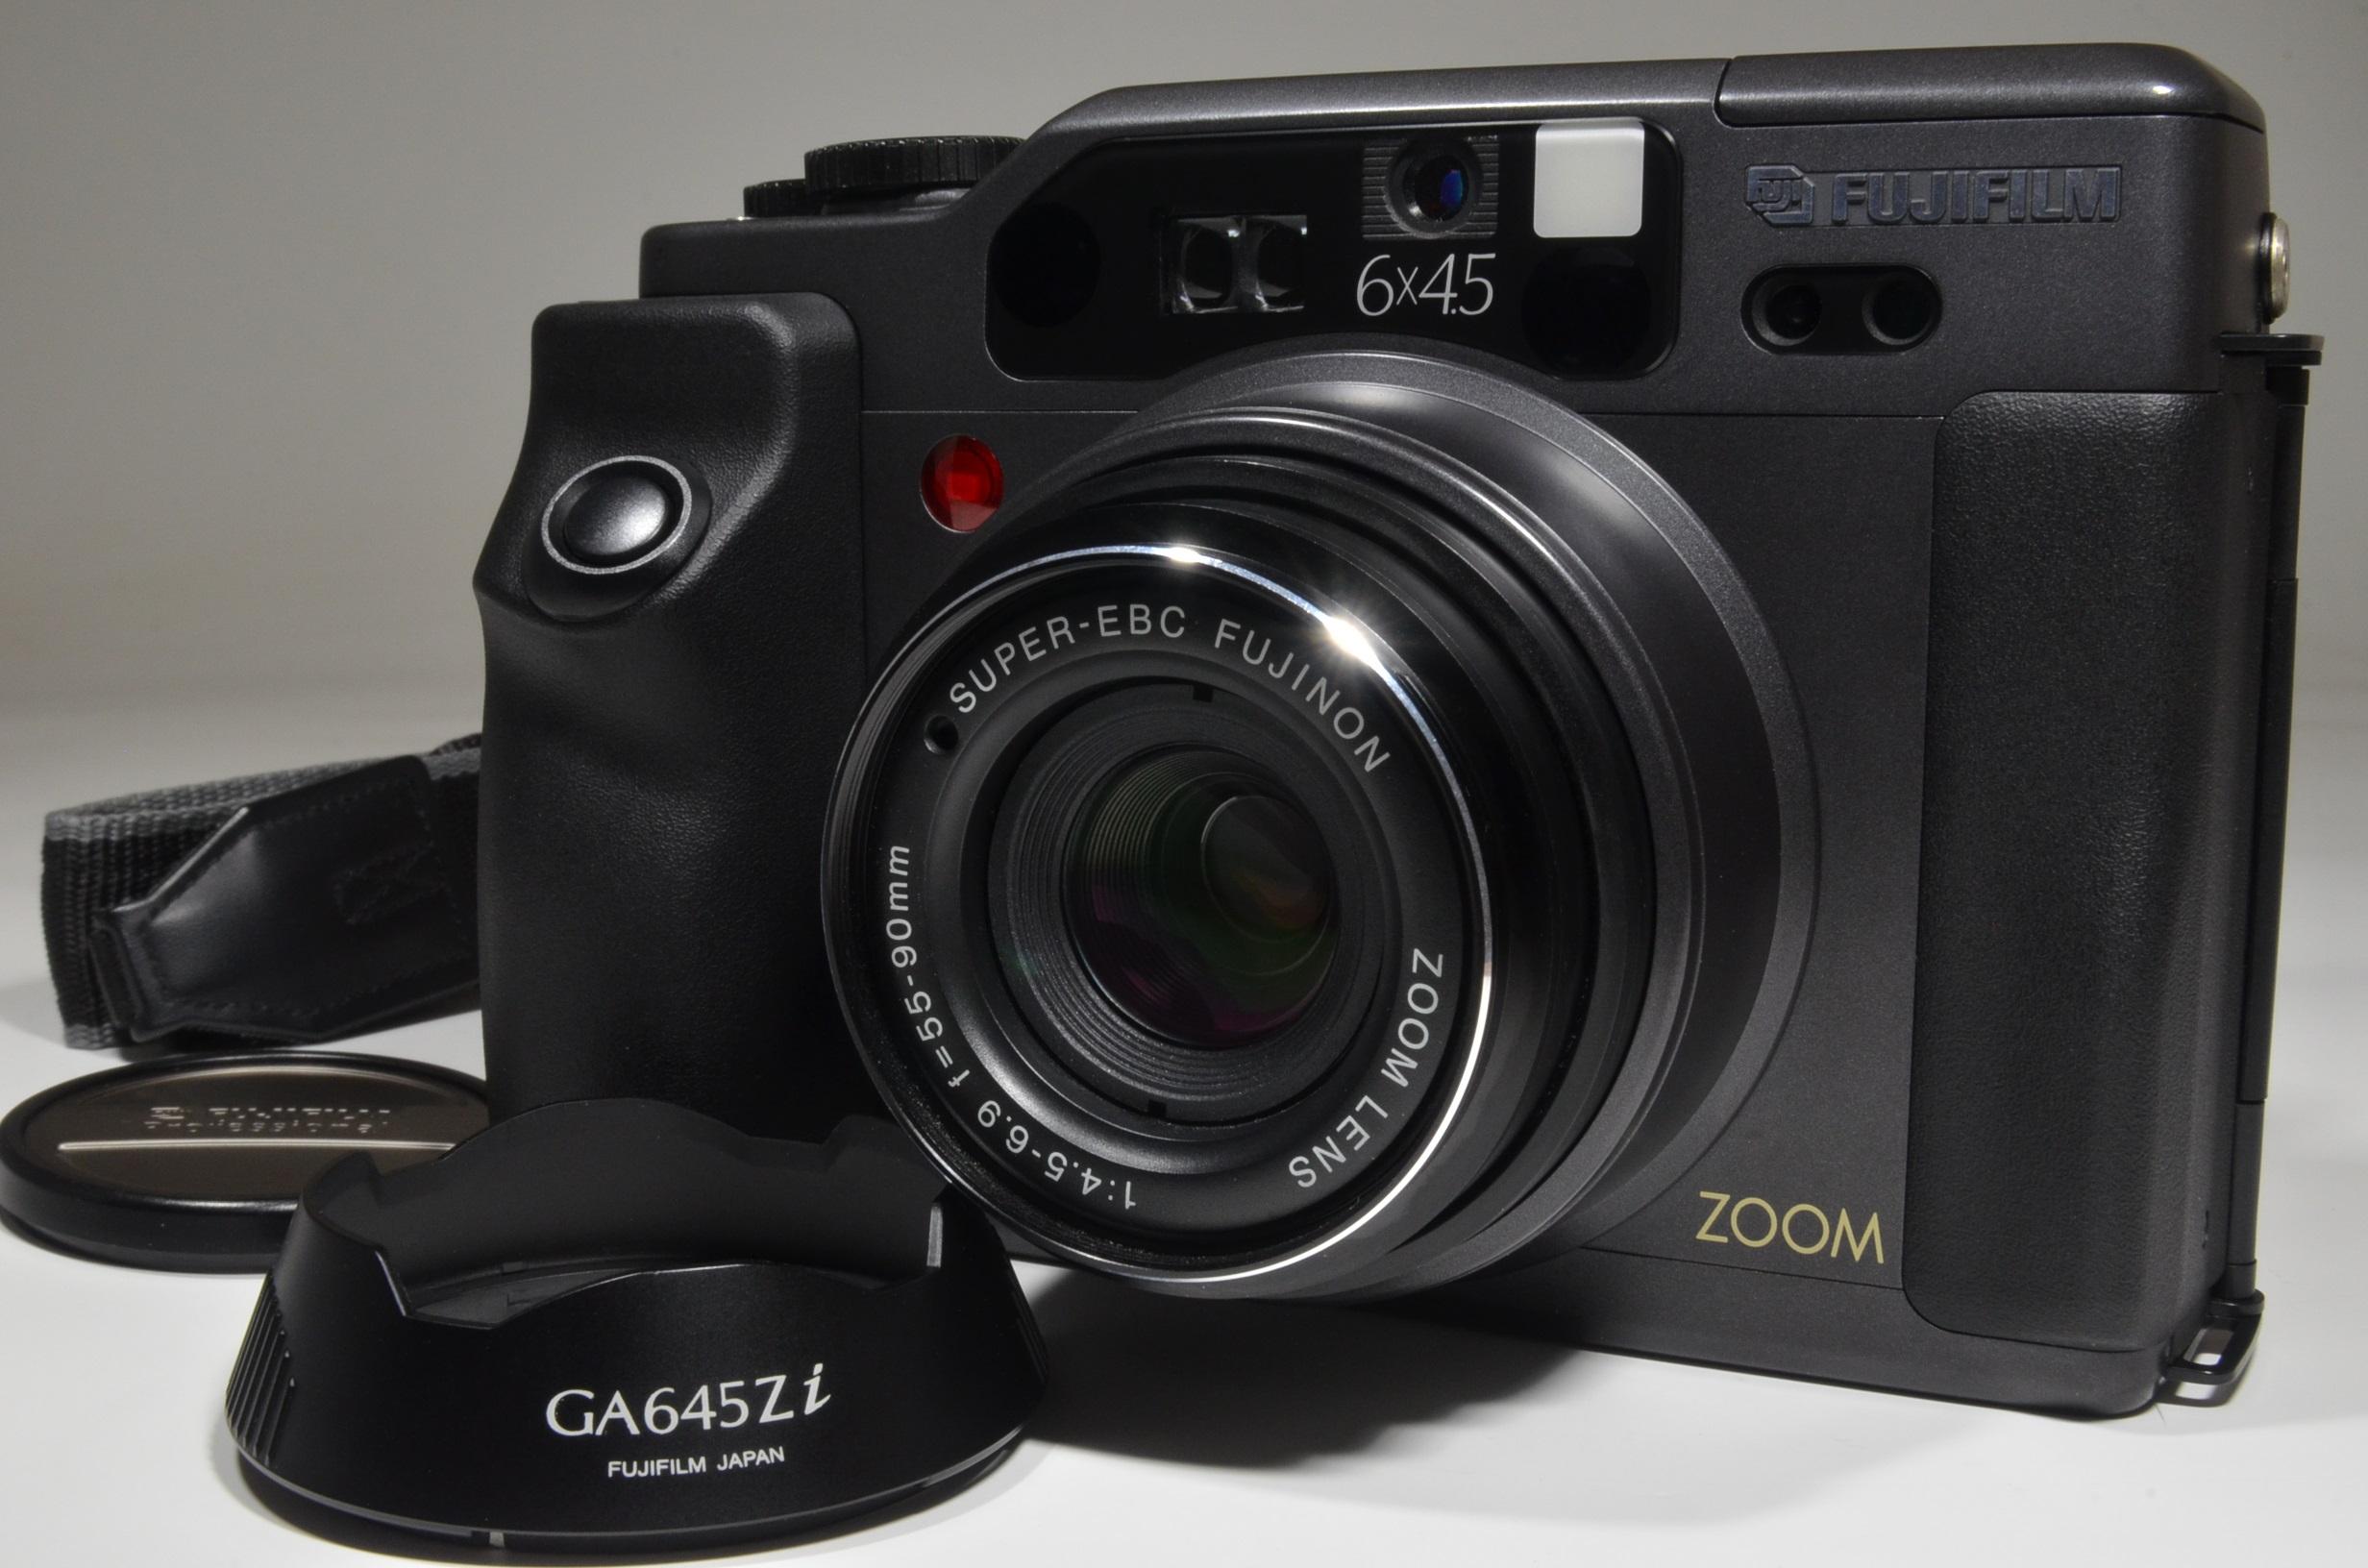 fujifilm ga645zi black zoom 55-90mm f4.5-6.9 300 shot!